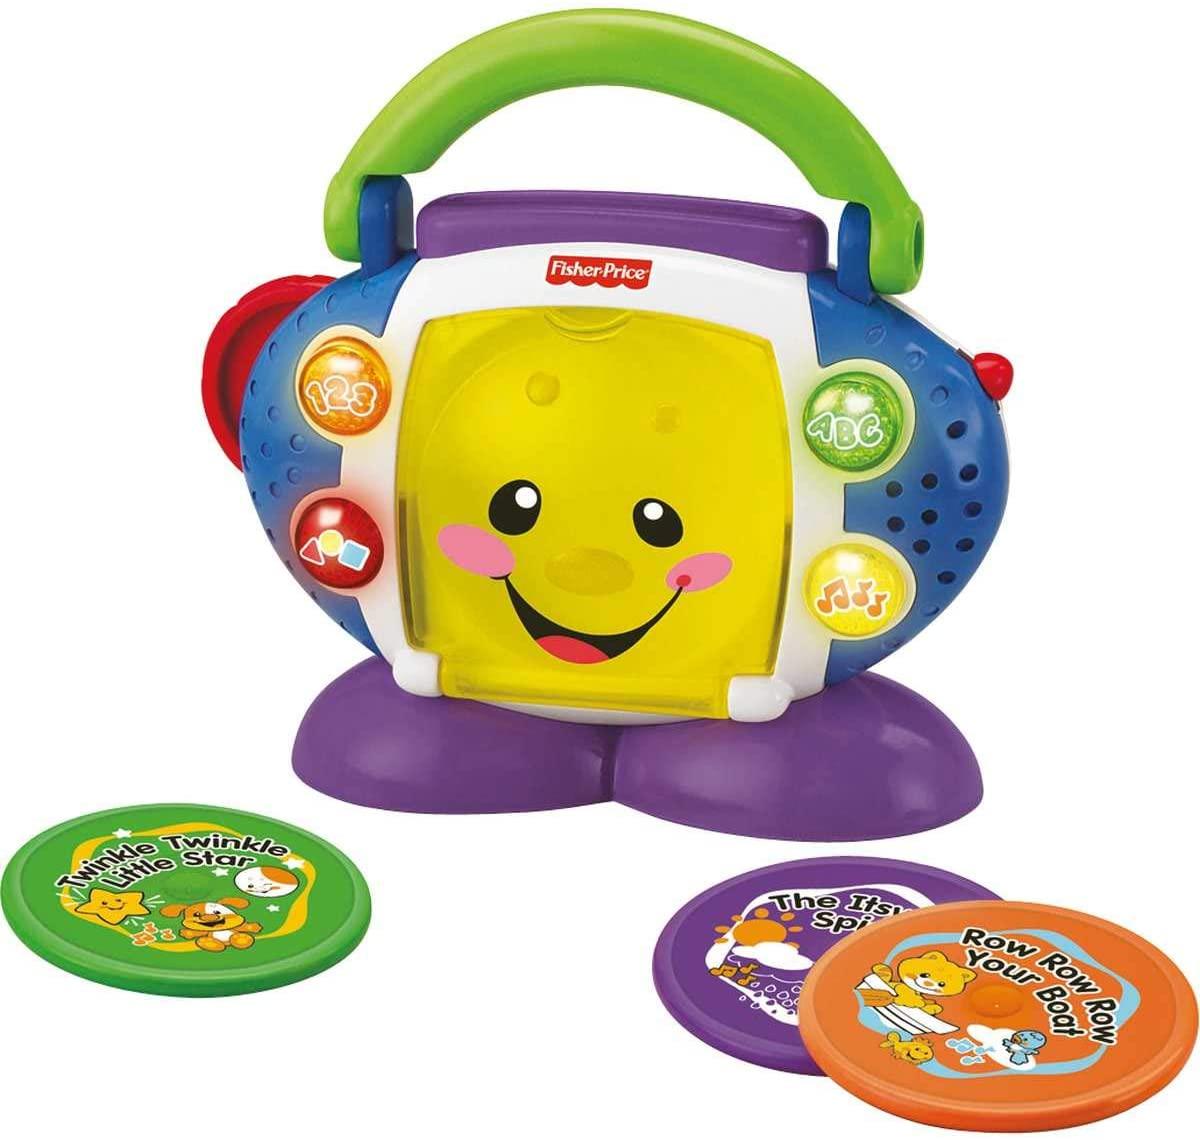 [Exclusivo Prime] Brinquedo CD Player Aprender e Brincar P5314 - Fisher-Price